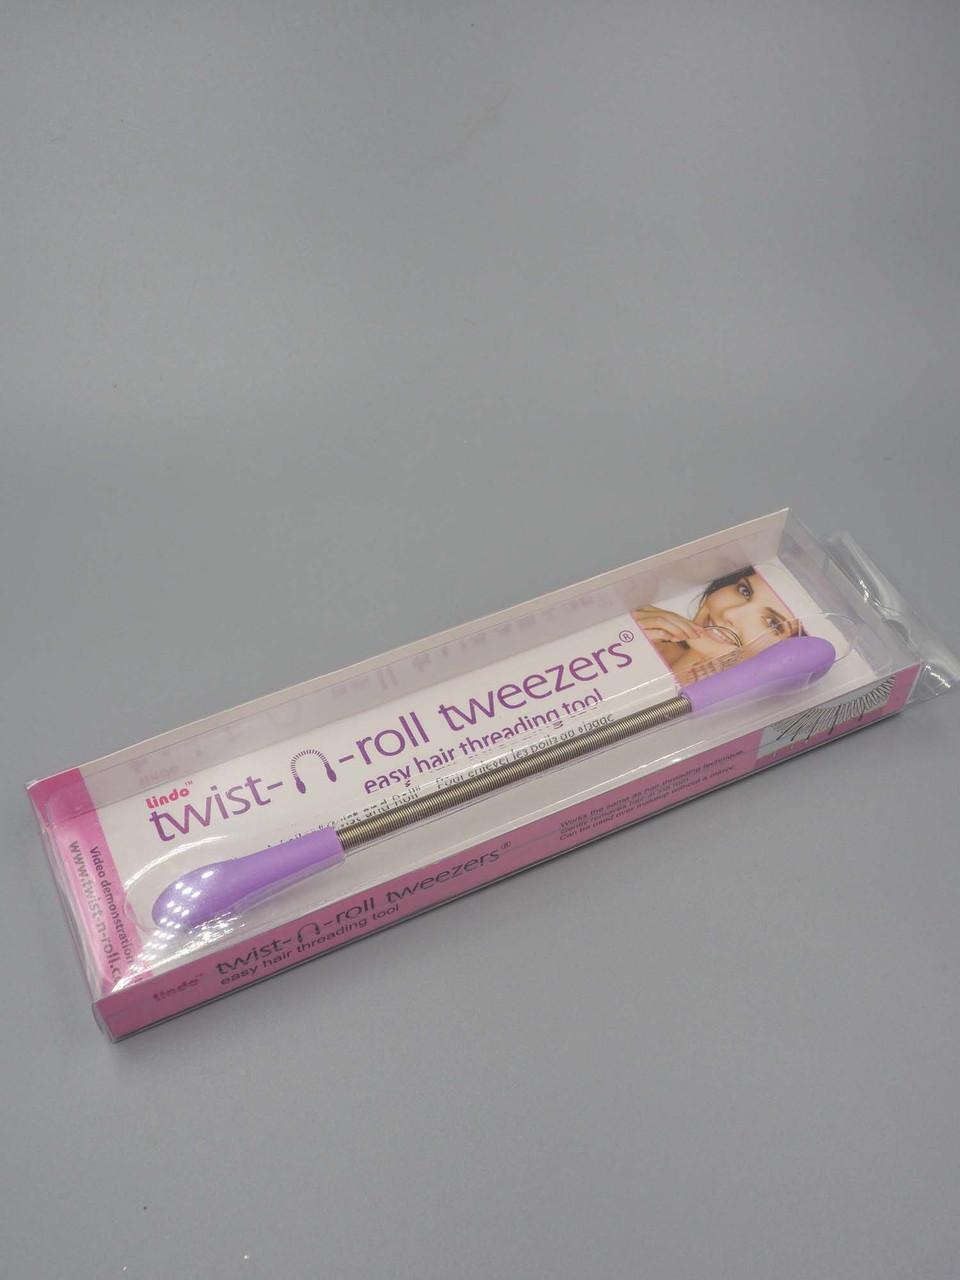 purple twist n roll tweezers